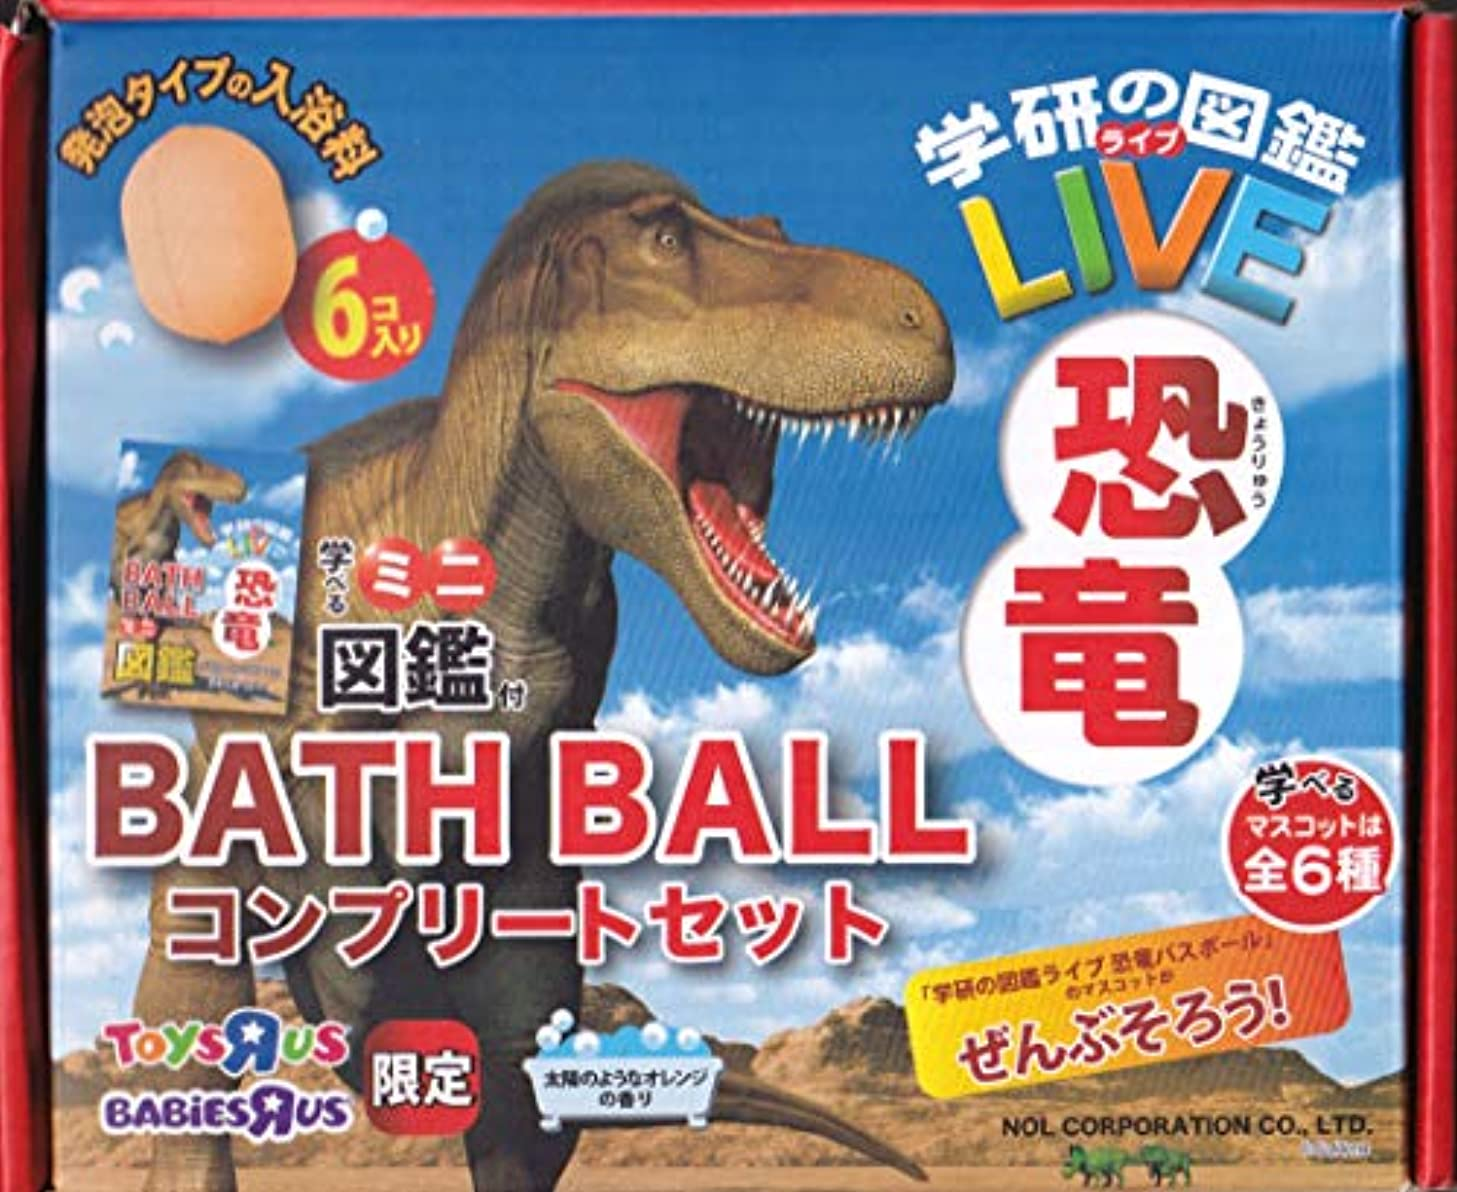 堤防提供された幻想【トイザらス限定】学研の図鑑LIVE 入浴剤 恐竜 バスボール コンプリートセット (全6種そろいます)